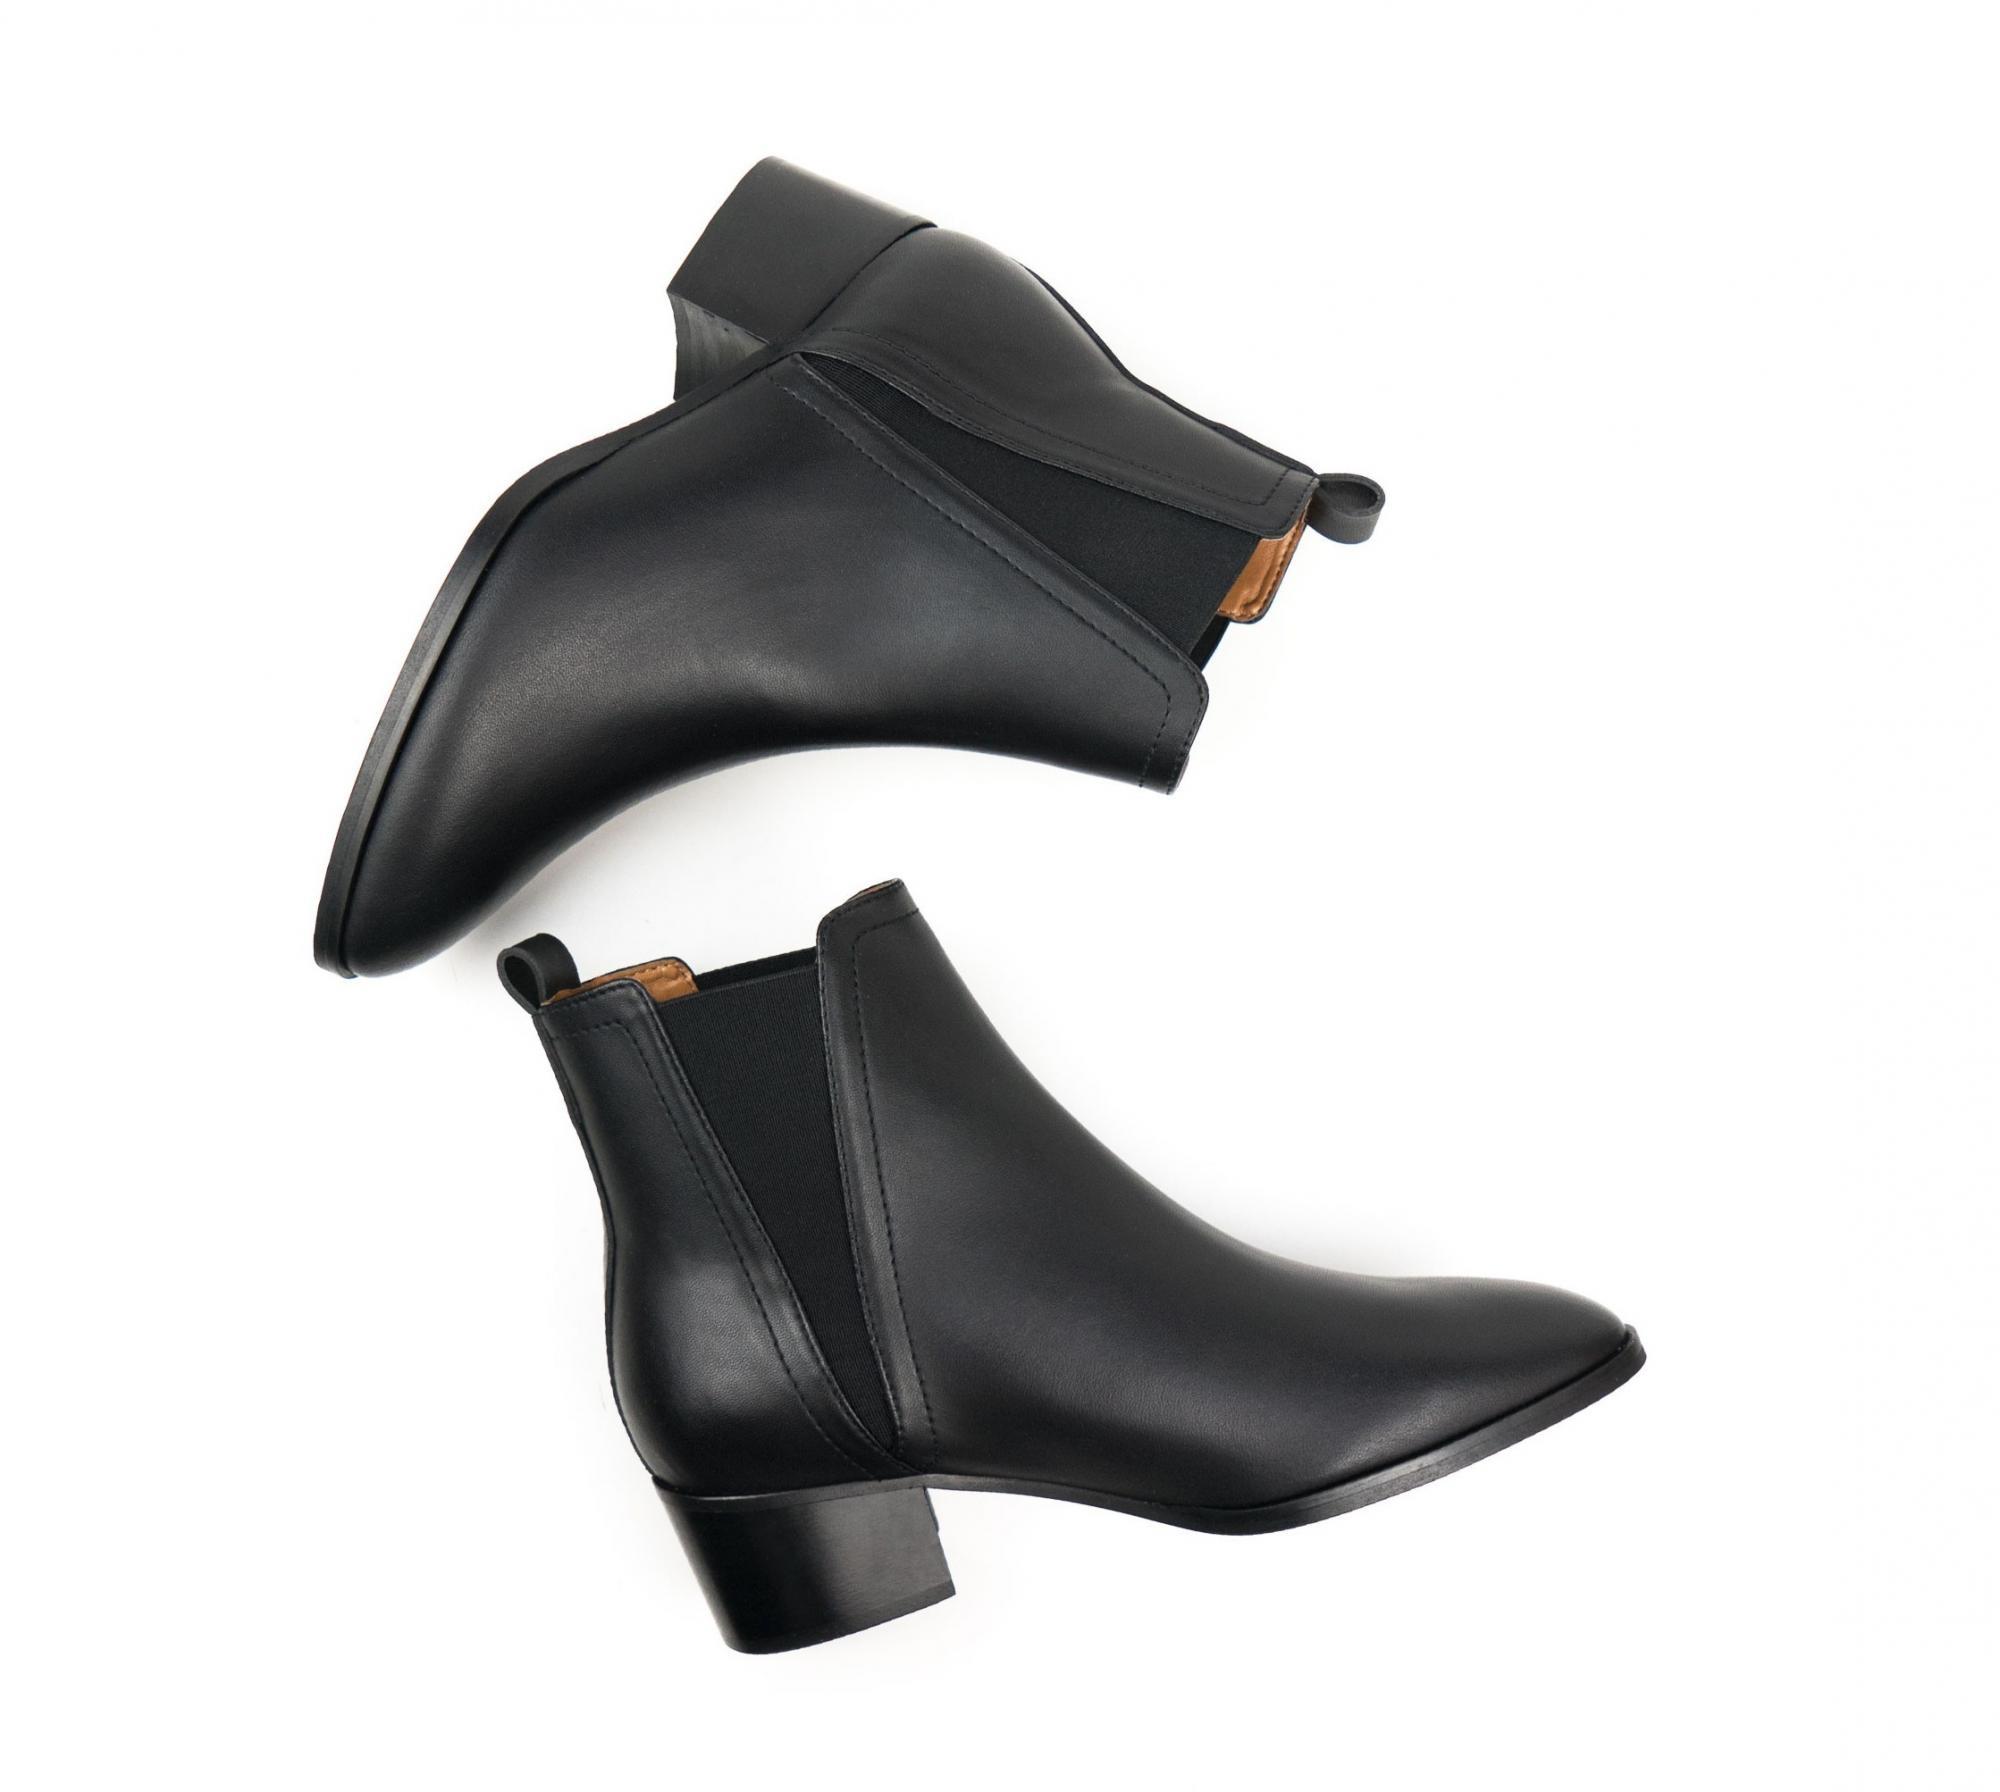 Tacco Point Toe Boots Will's Chelsea Donna Biopolioli Scarpe O0dnqw6